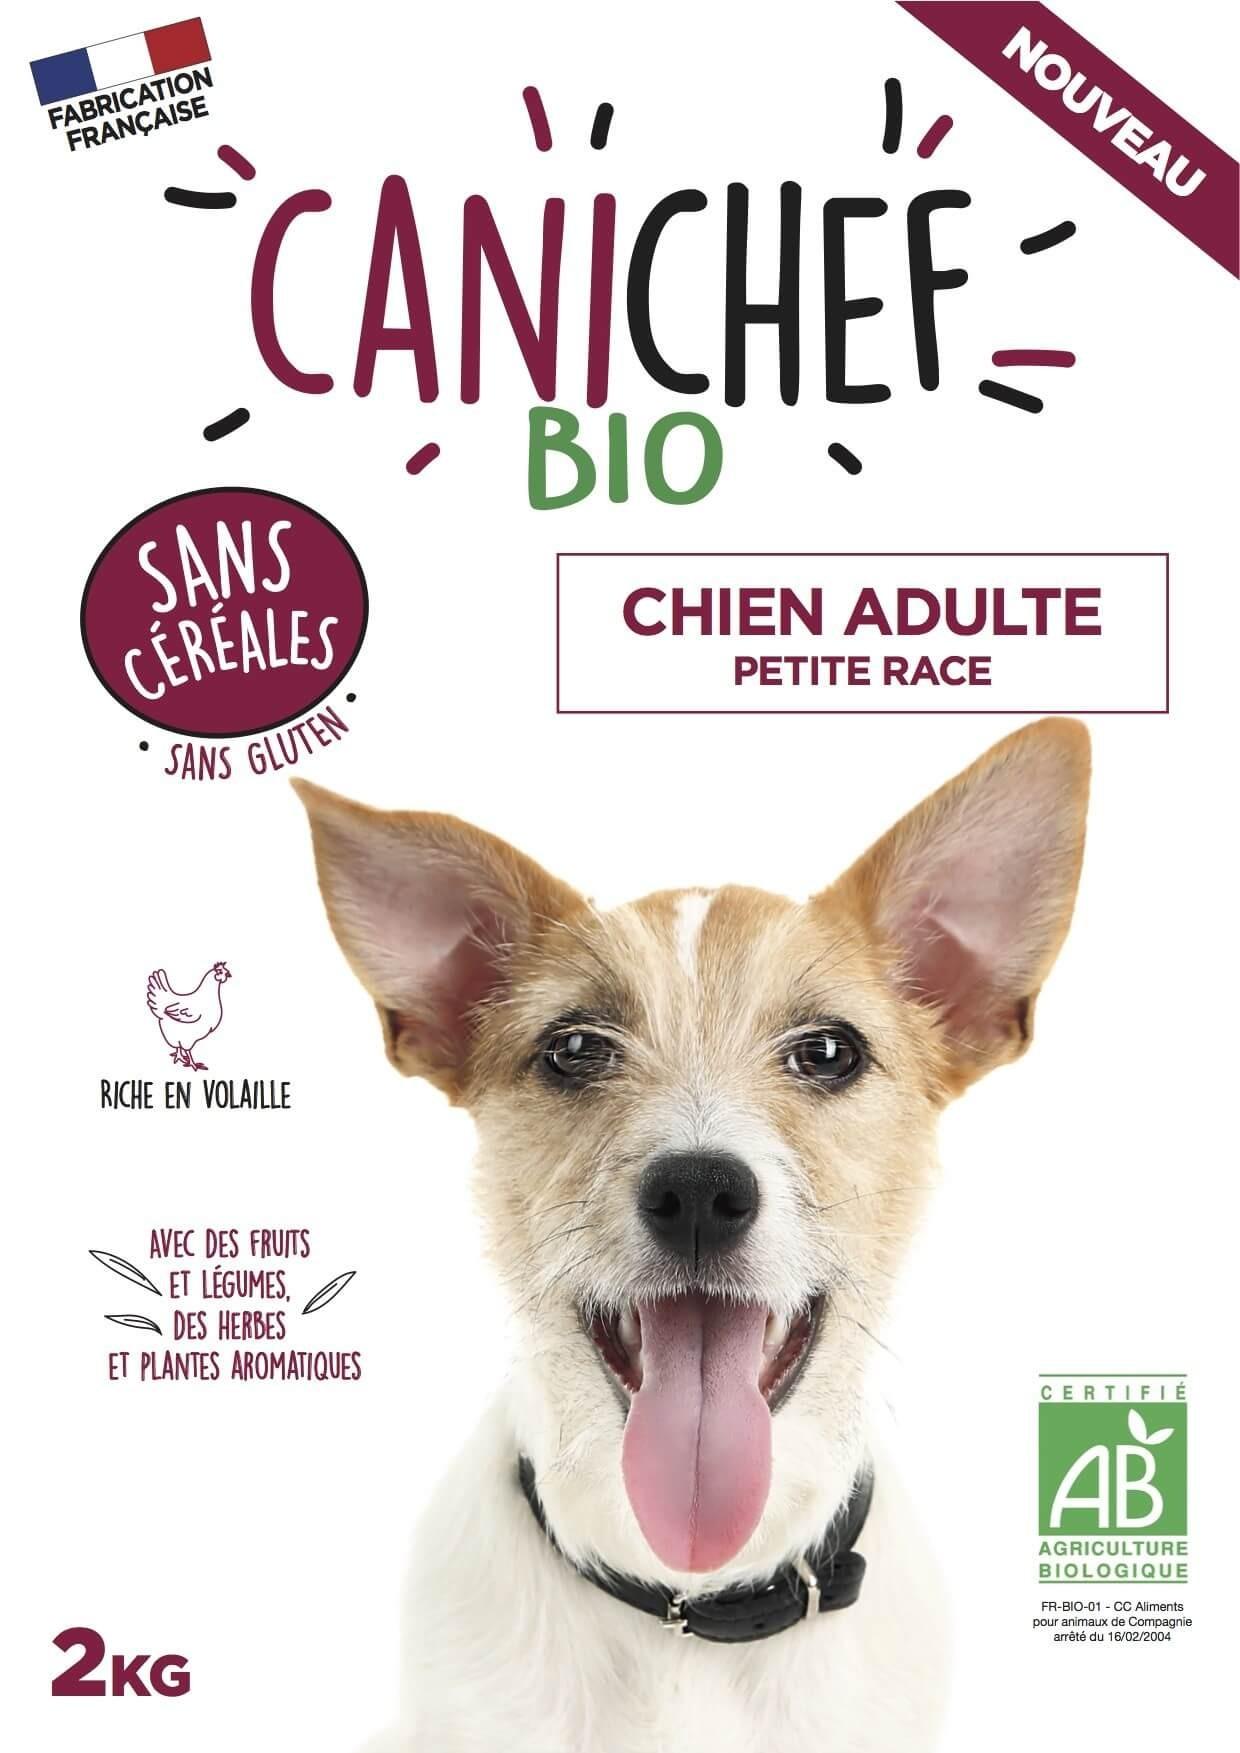 Canichef croquettes BIO sans céréales, sans gluten chien petite race 2kg - La Compagnie des Animaux